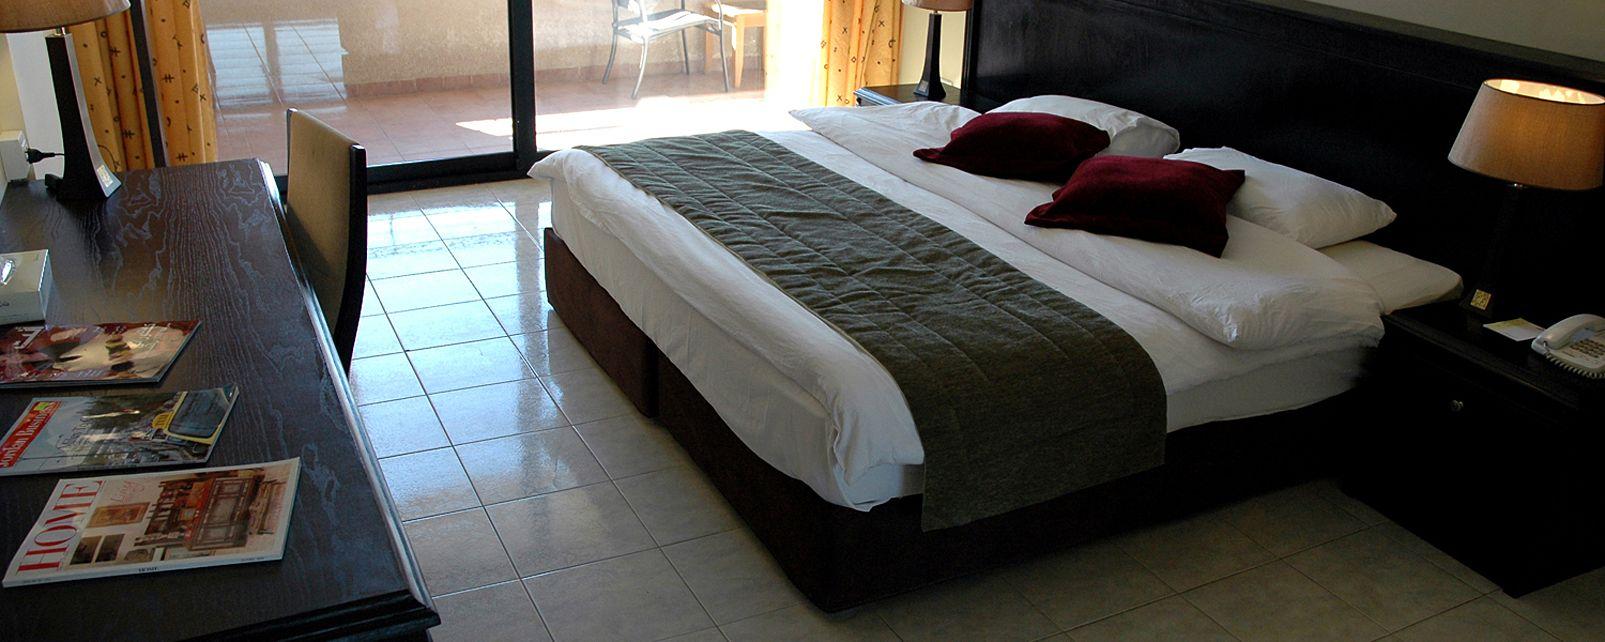 Hôtel Days Inn Aqaba